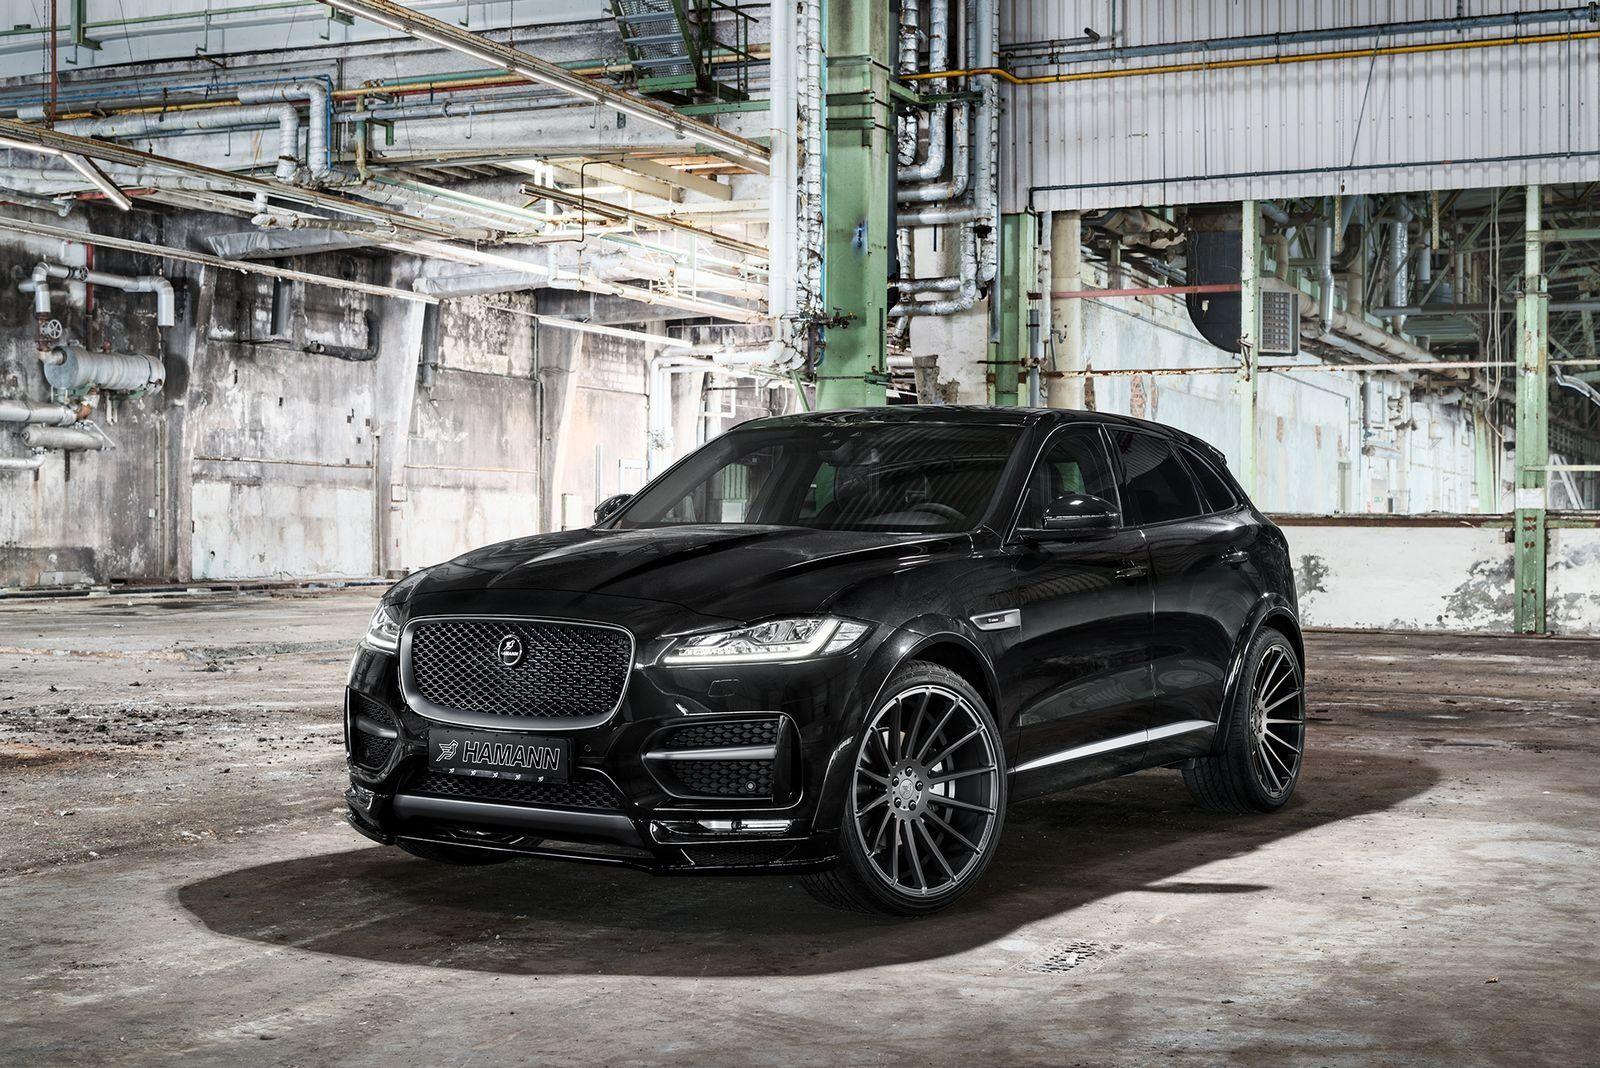 All Black Sinister Jaguar F Pace Gets Custom Parts Jaguar Car Jaguar Fpace Jaguar